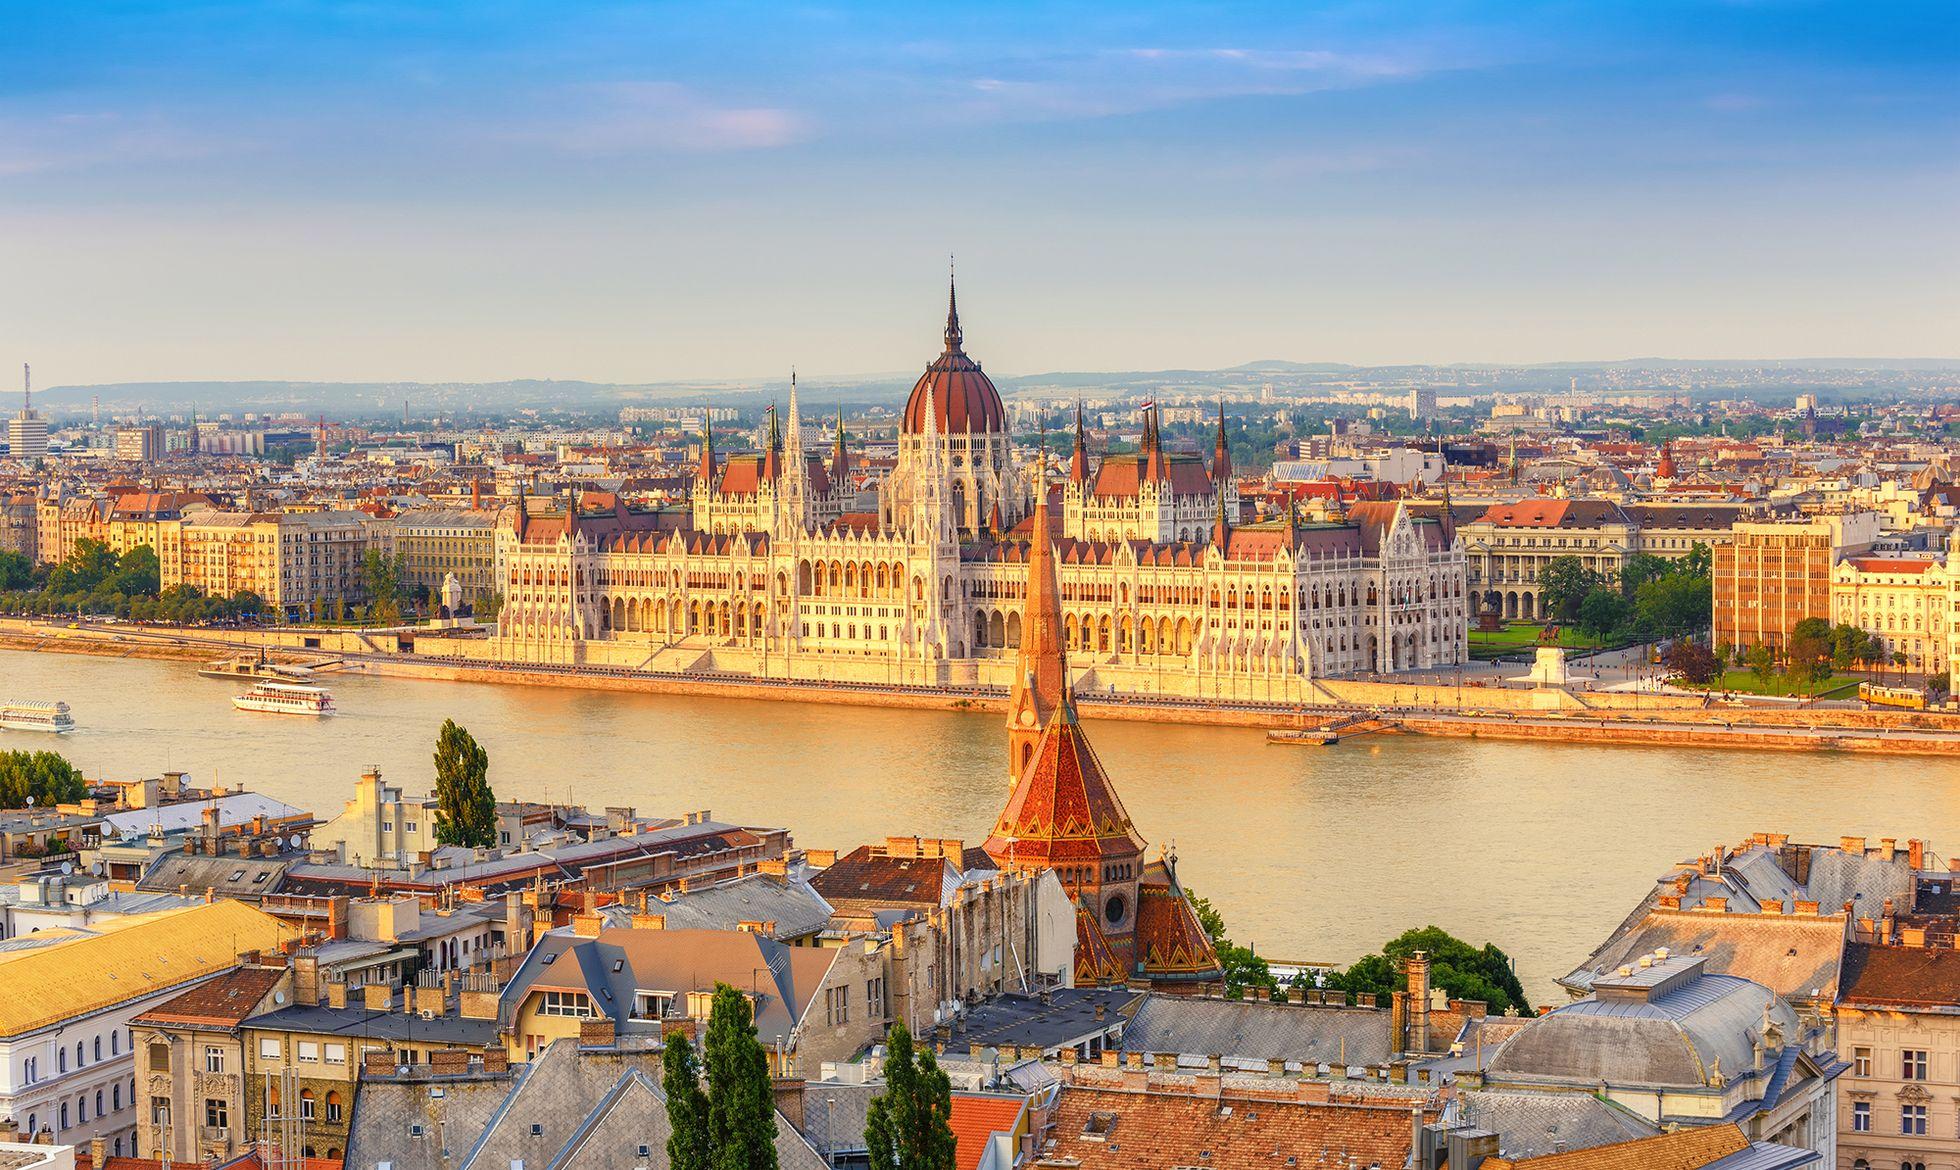 Hvem Skal Du Have Med Pa Weekendtur Til Ungarns Smukke Hovedstad Vi Elsker Byen Hvor Du Kan Spise Dig Maet For Ingen Europa Rejse Rejsedestinationer Budapest